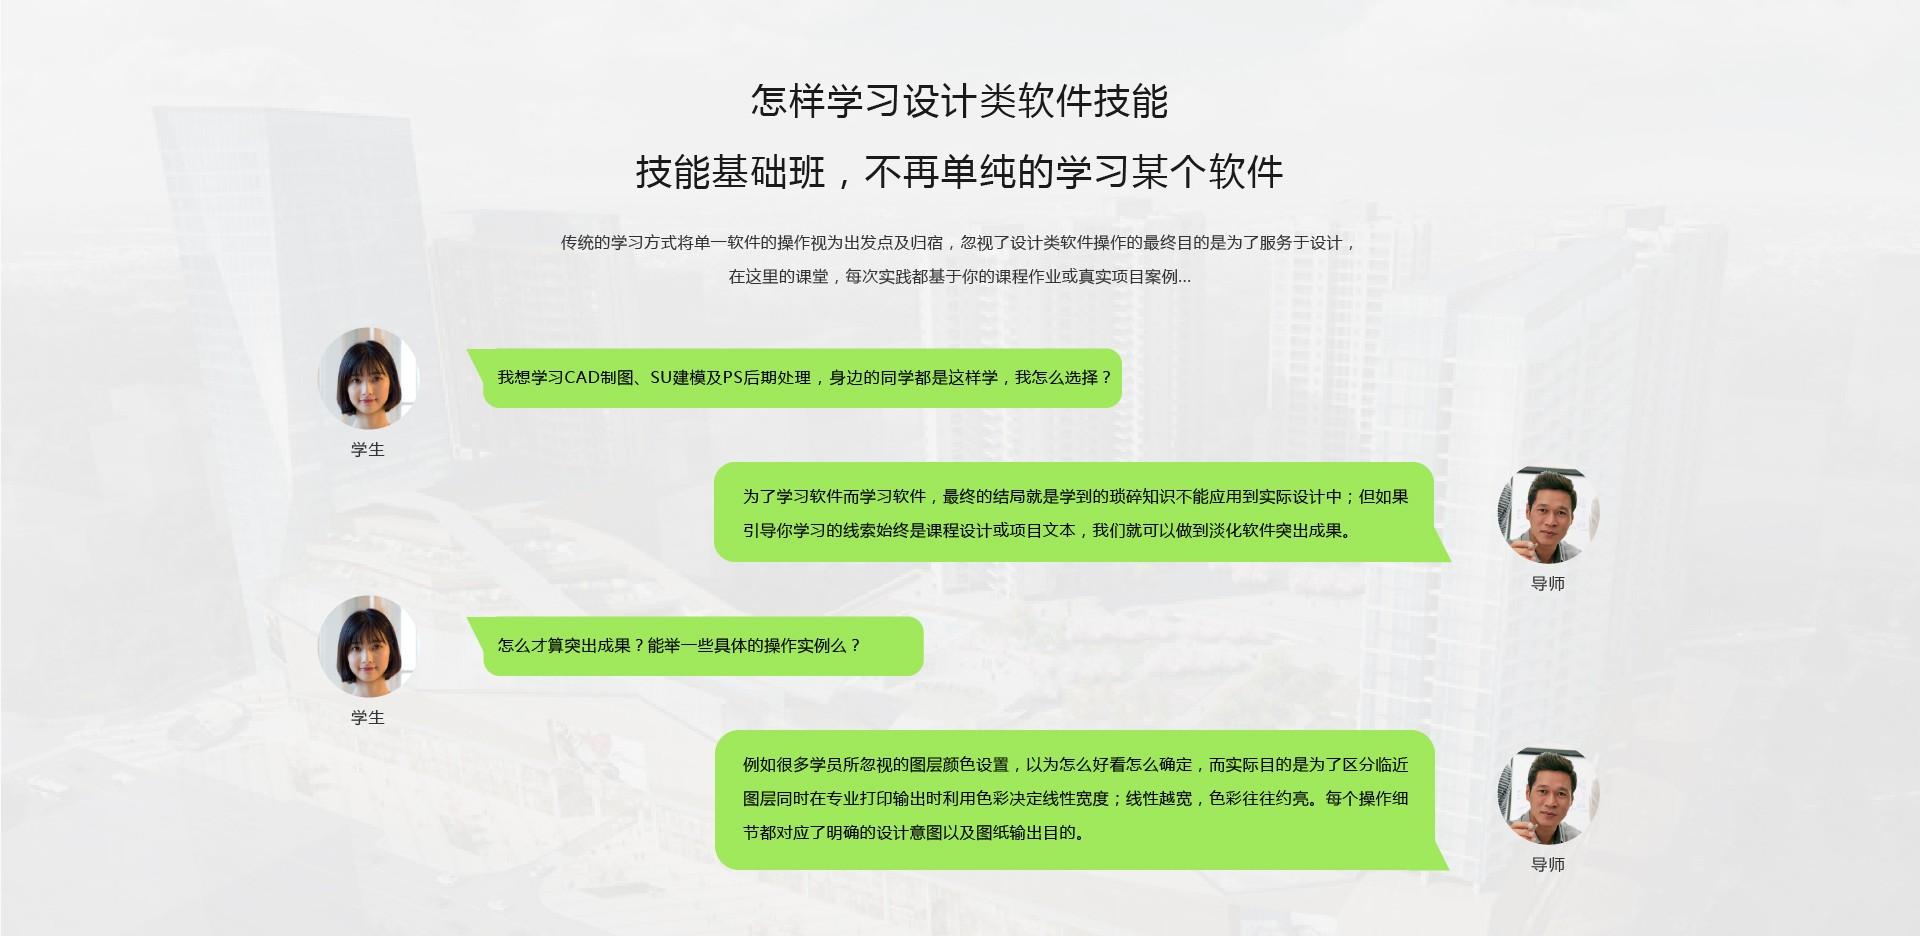 02.基础班课程内页_01.jpg